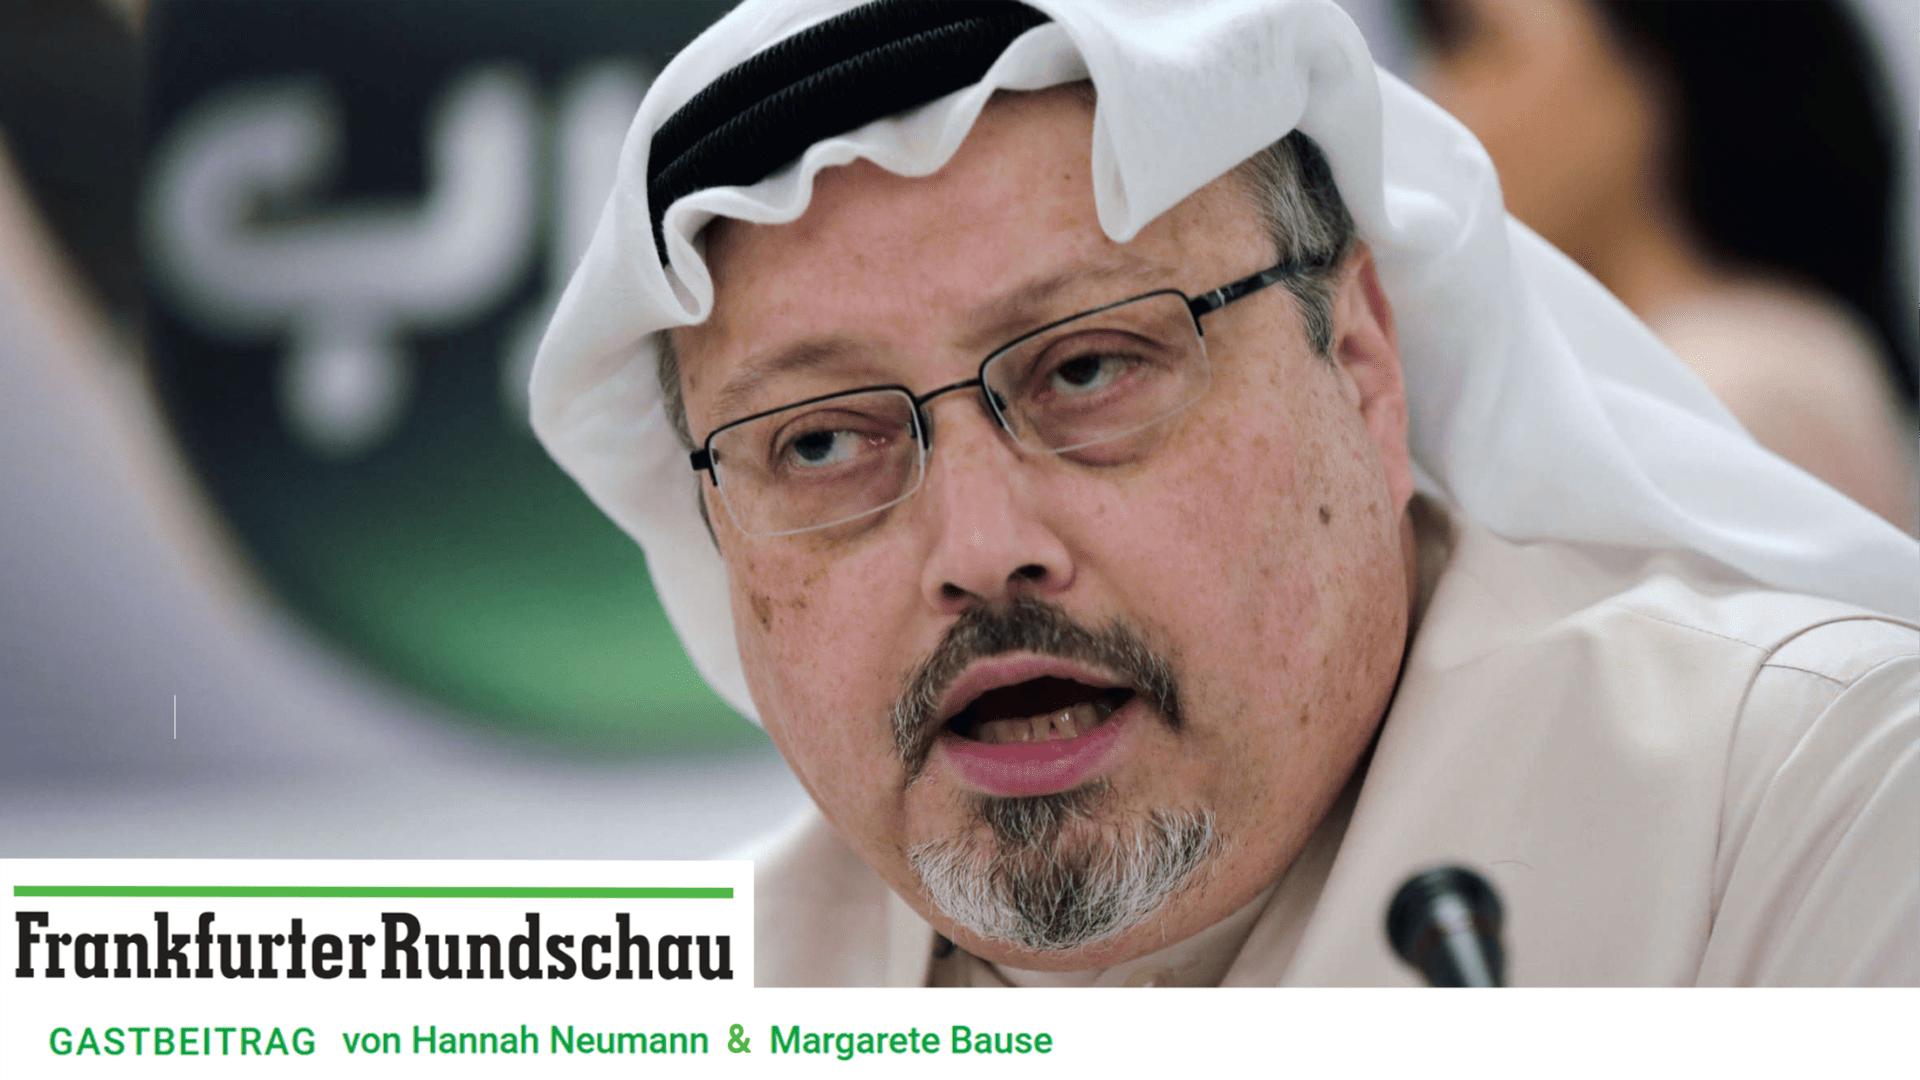 Warum die EU einen Sanktionsmechanismus für Menschenrechte braucht - Mein Gastbeitrag in der Frankfurter Rundschau